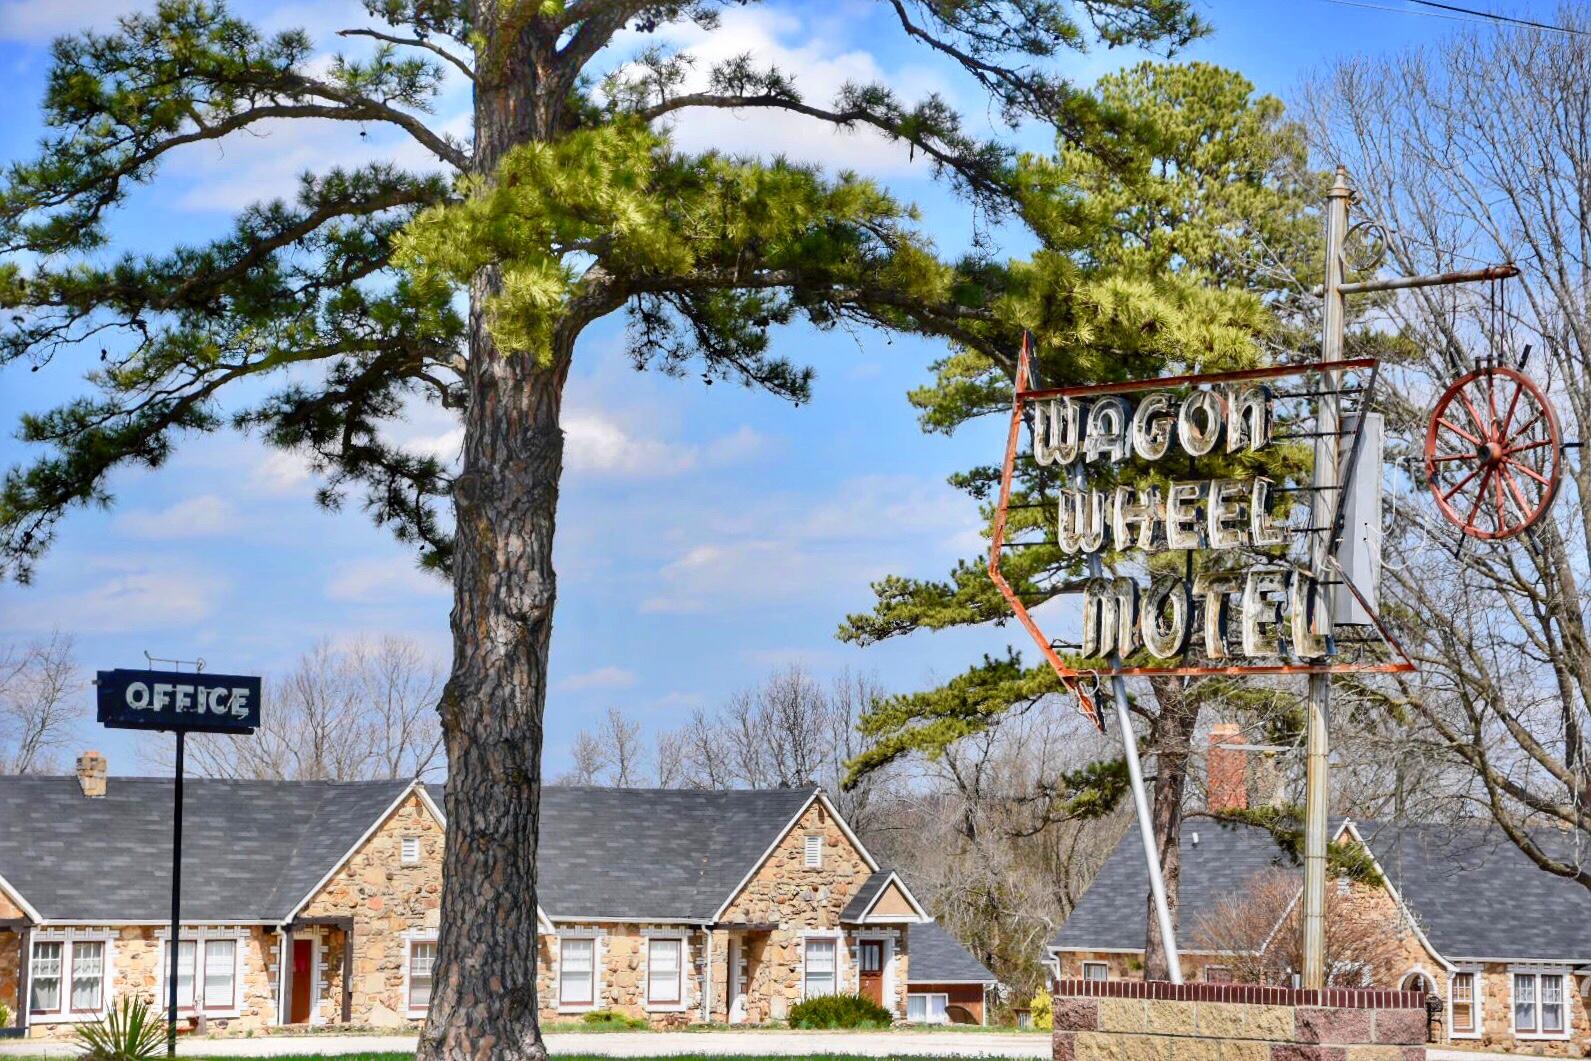 Historic Wagon Wheel Motel / Oh FIddle Dee Dee